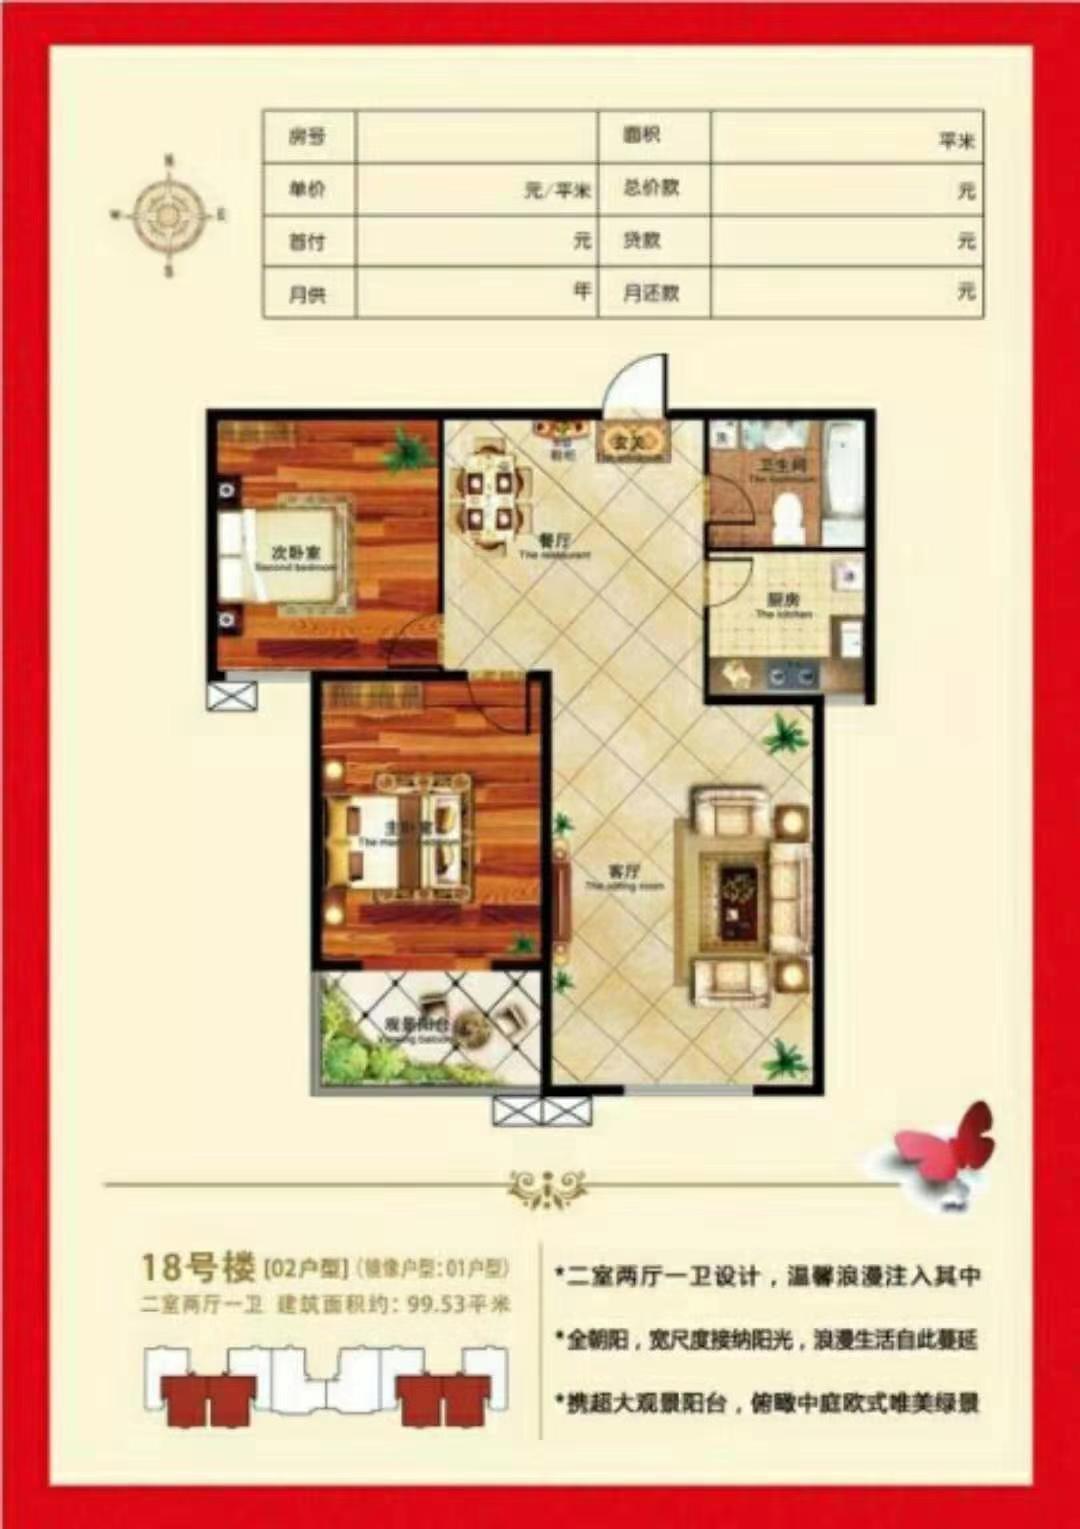 蓝波圣景2室2厅1卫55万元